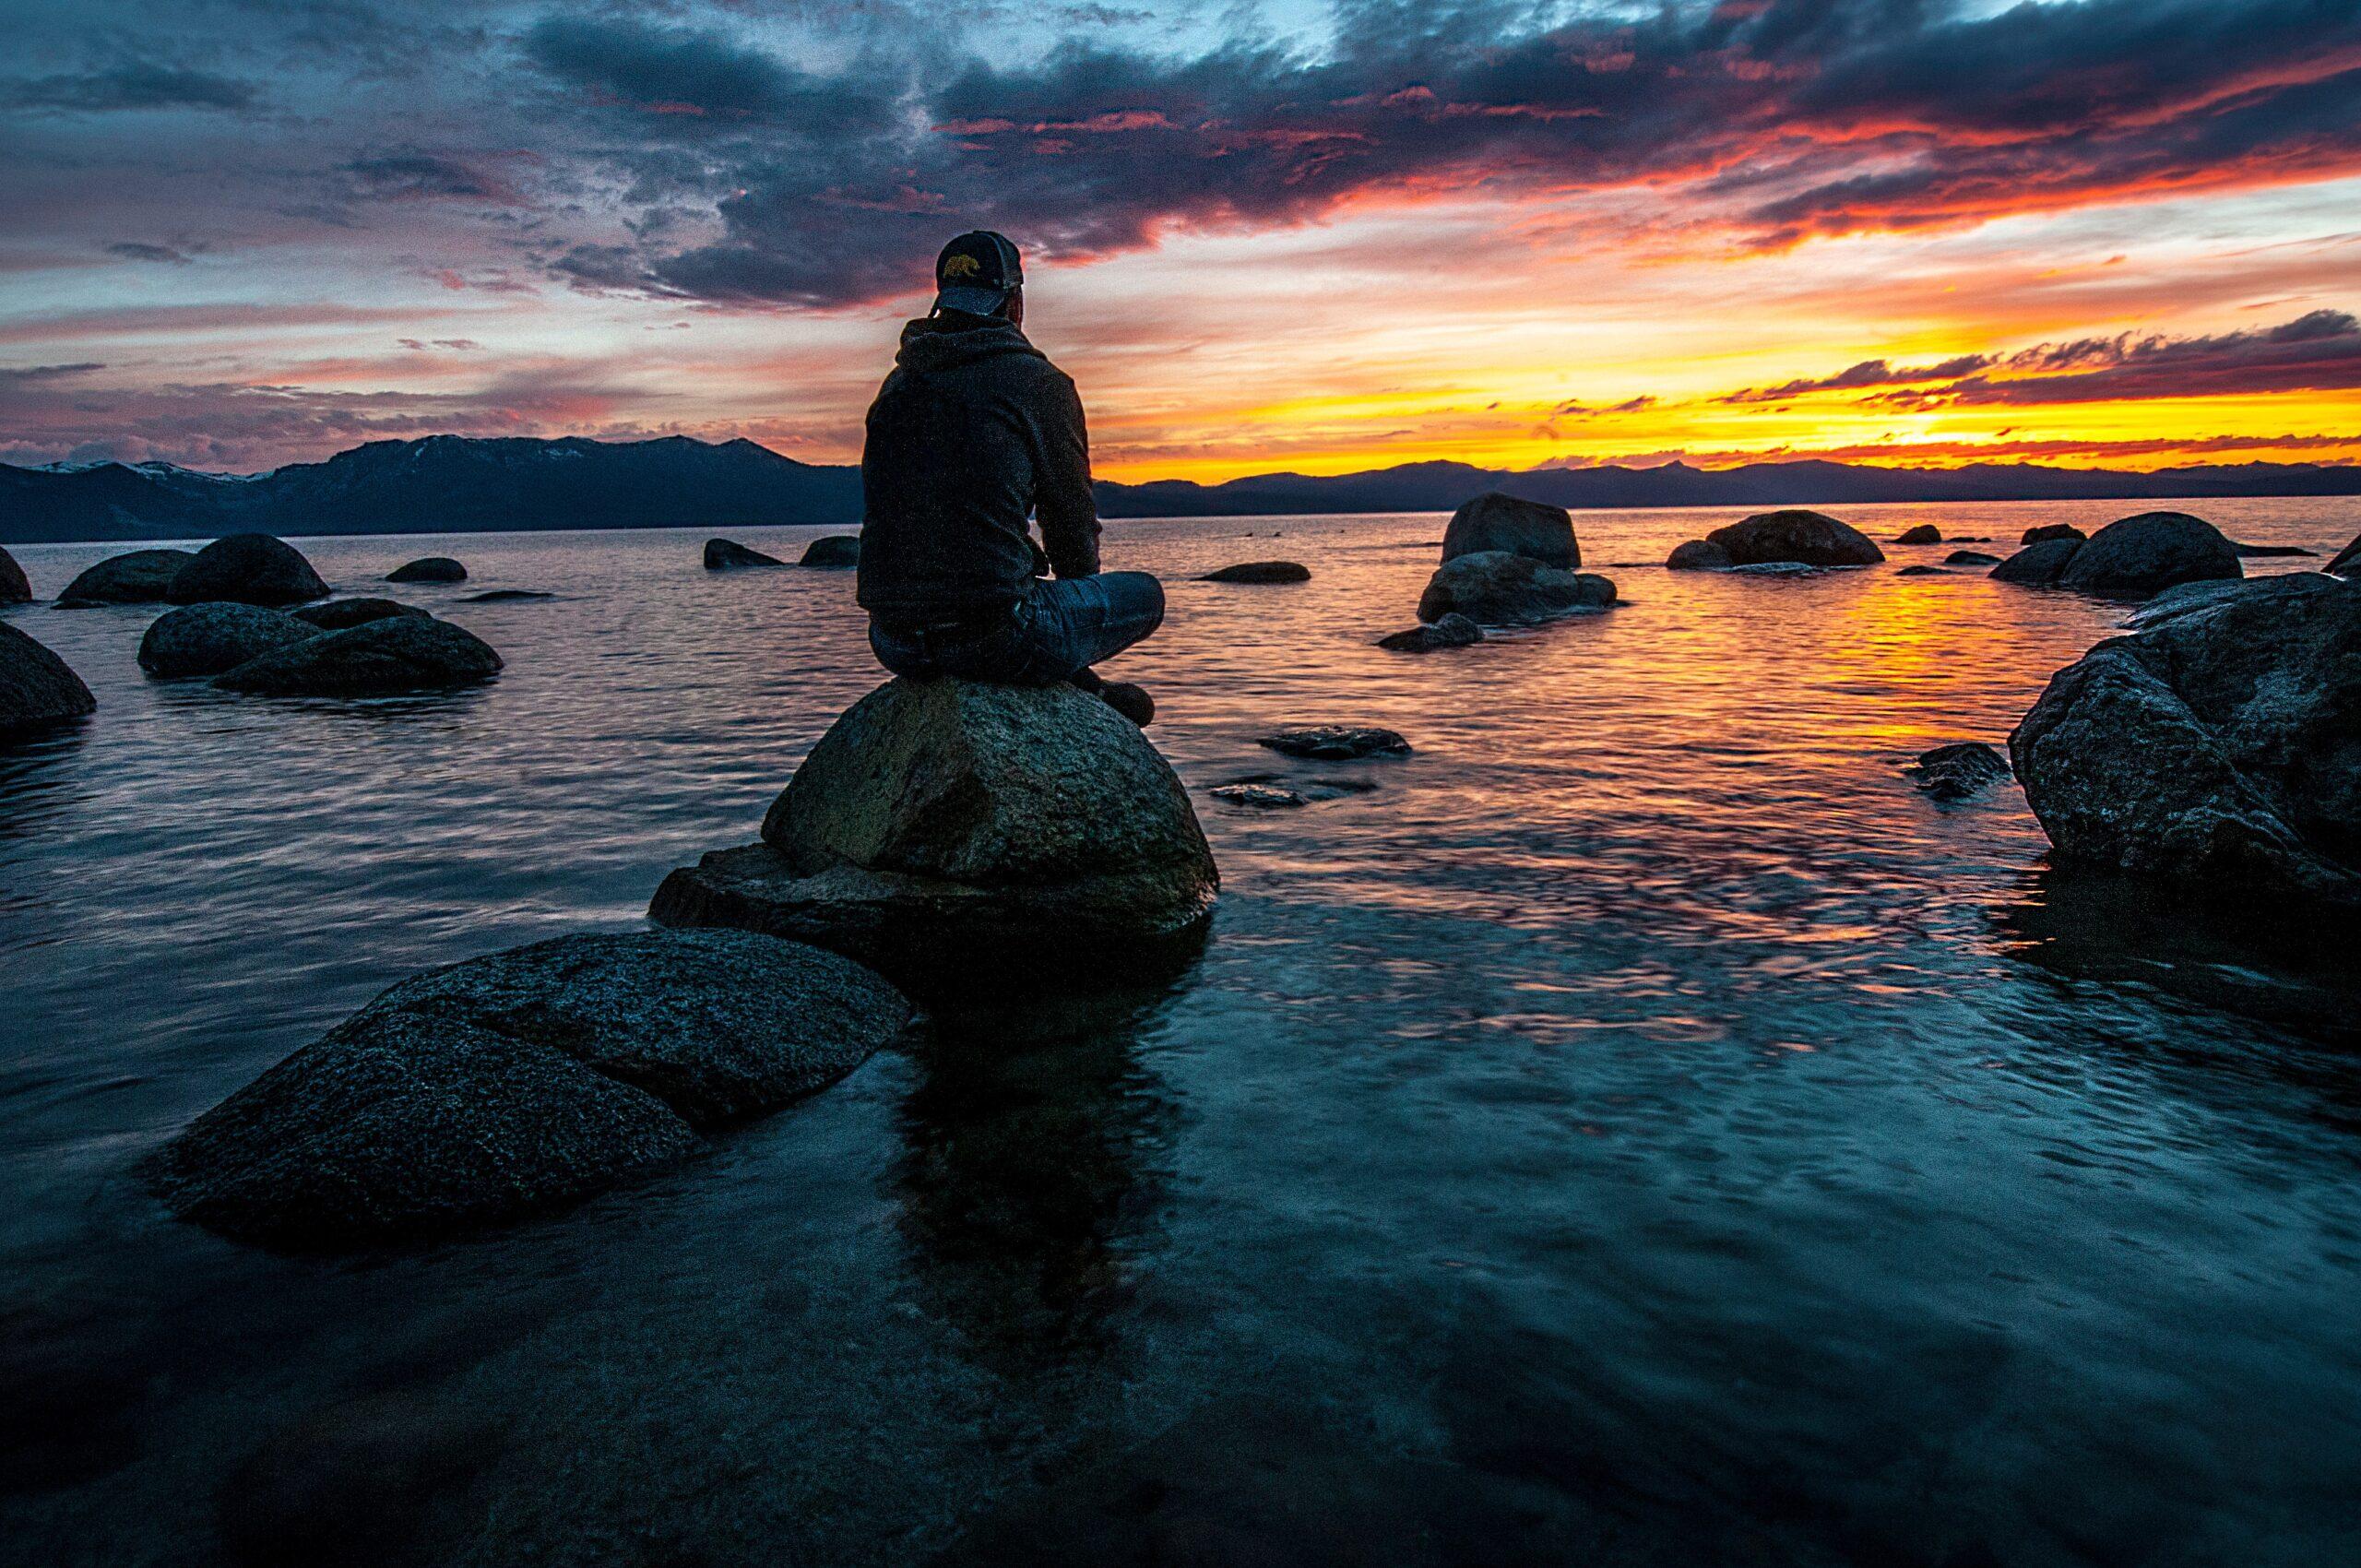 独身男が夕日を眺めて座っている画像